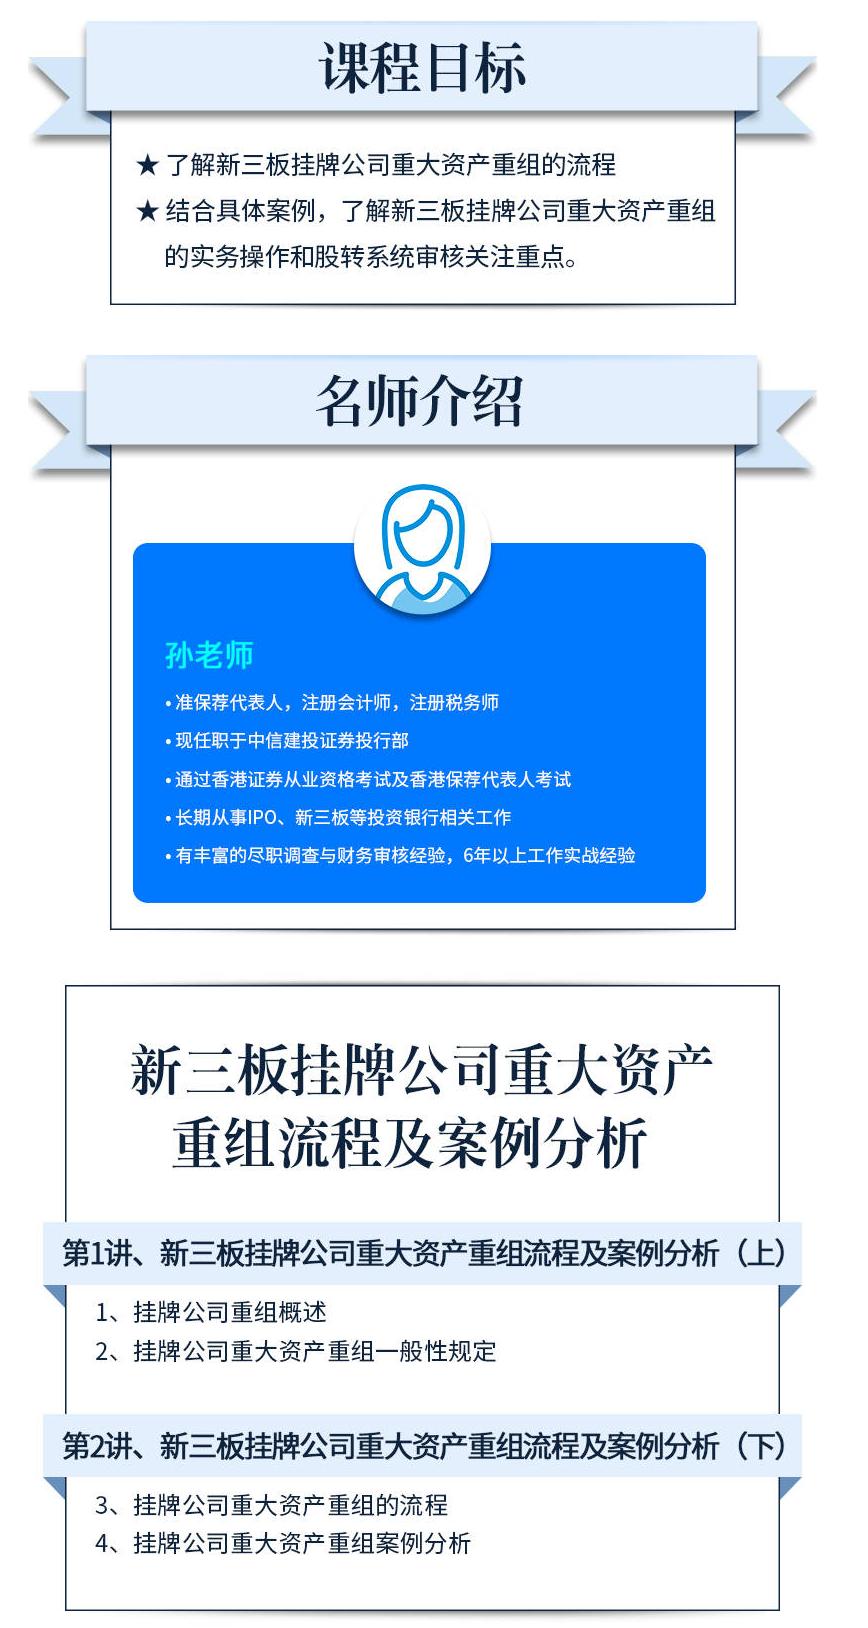 新三板公司重大资产重组,提升并购重组技能【完结】